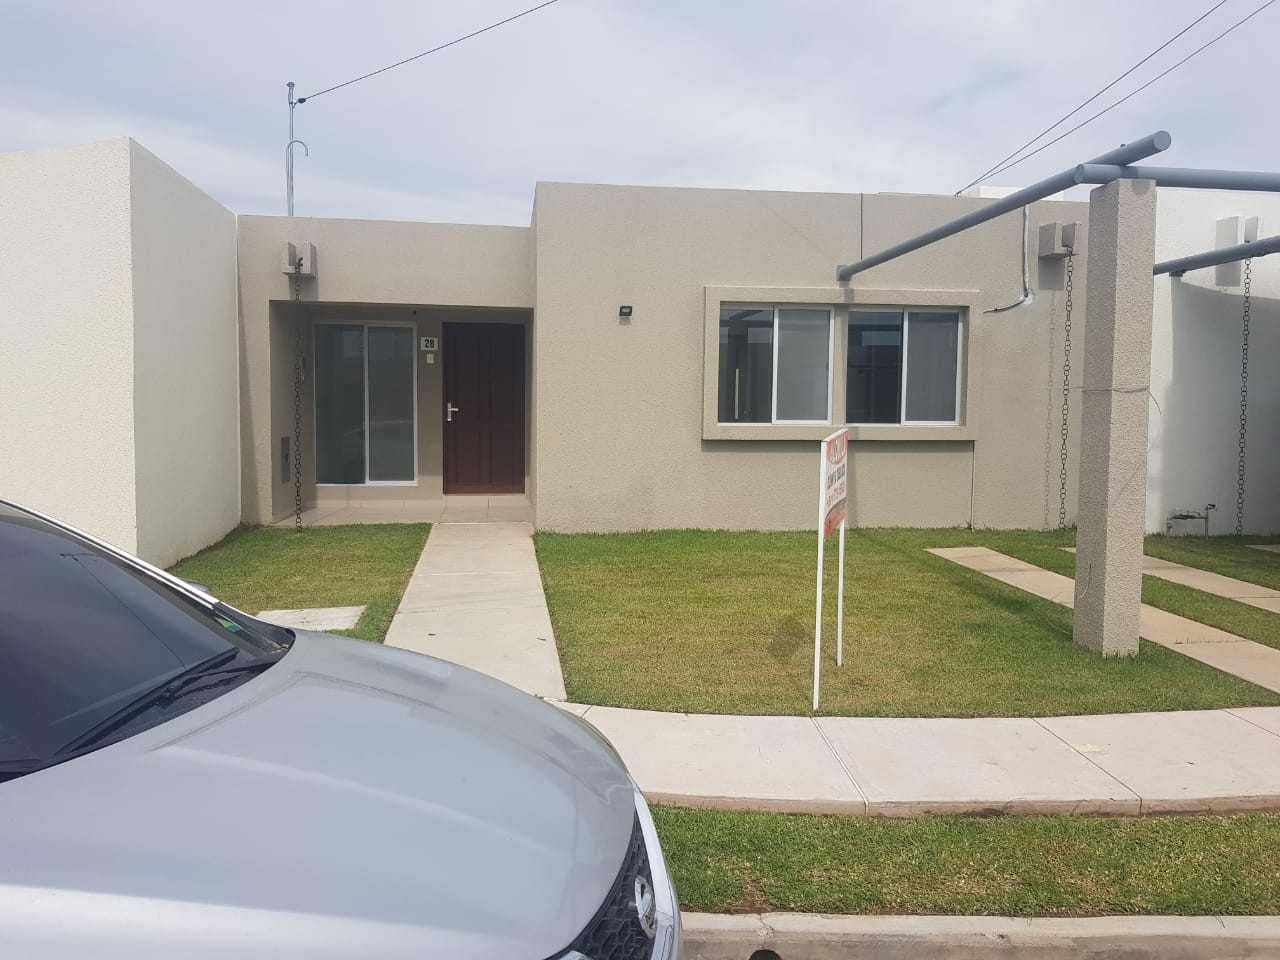 Inmobiliaria ofrece en alquiler casa en condominio for Alquiler de casas en marinaleda sevilla